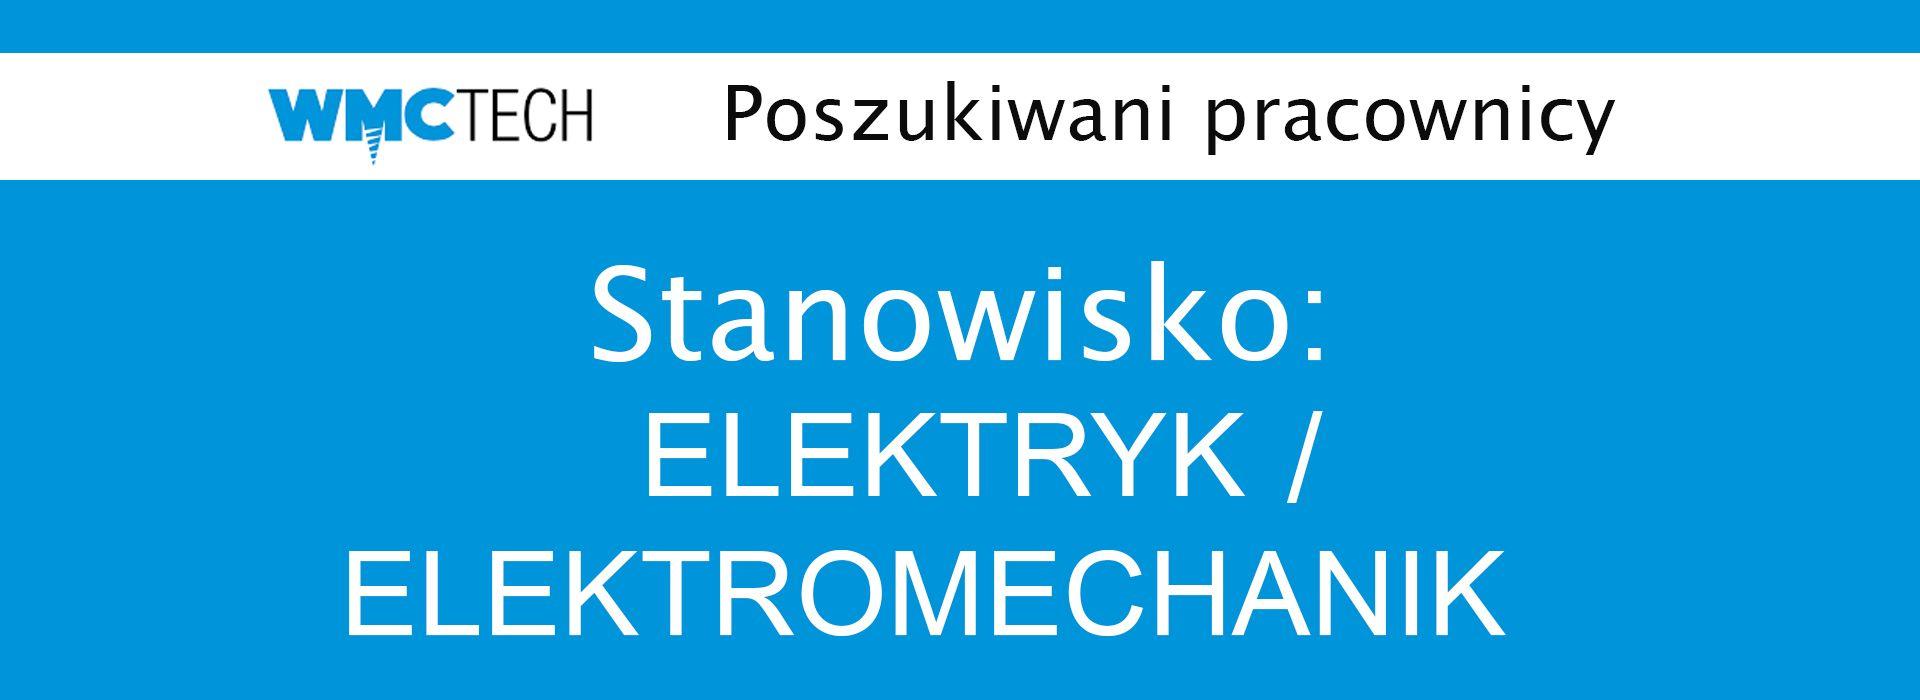 WMC TECH zatrudni na stanowisko: Elektryk / Elektromechanik